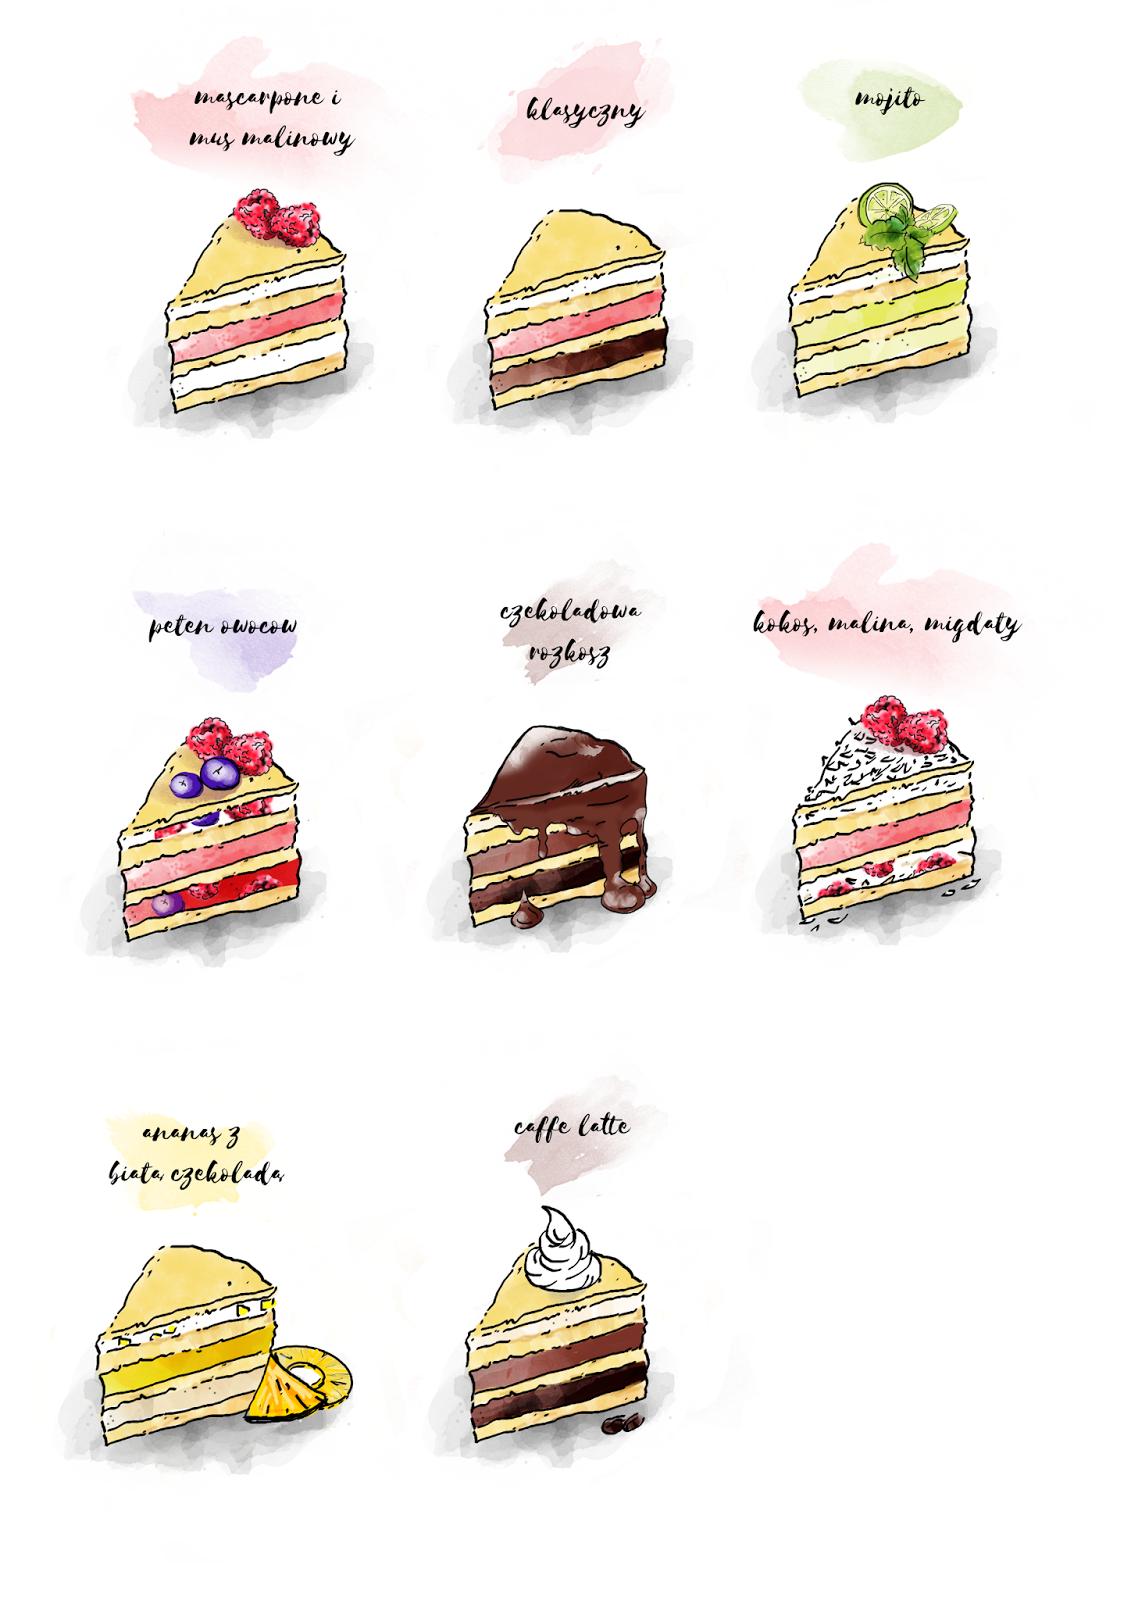 Smaki tortów